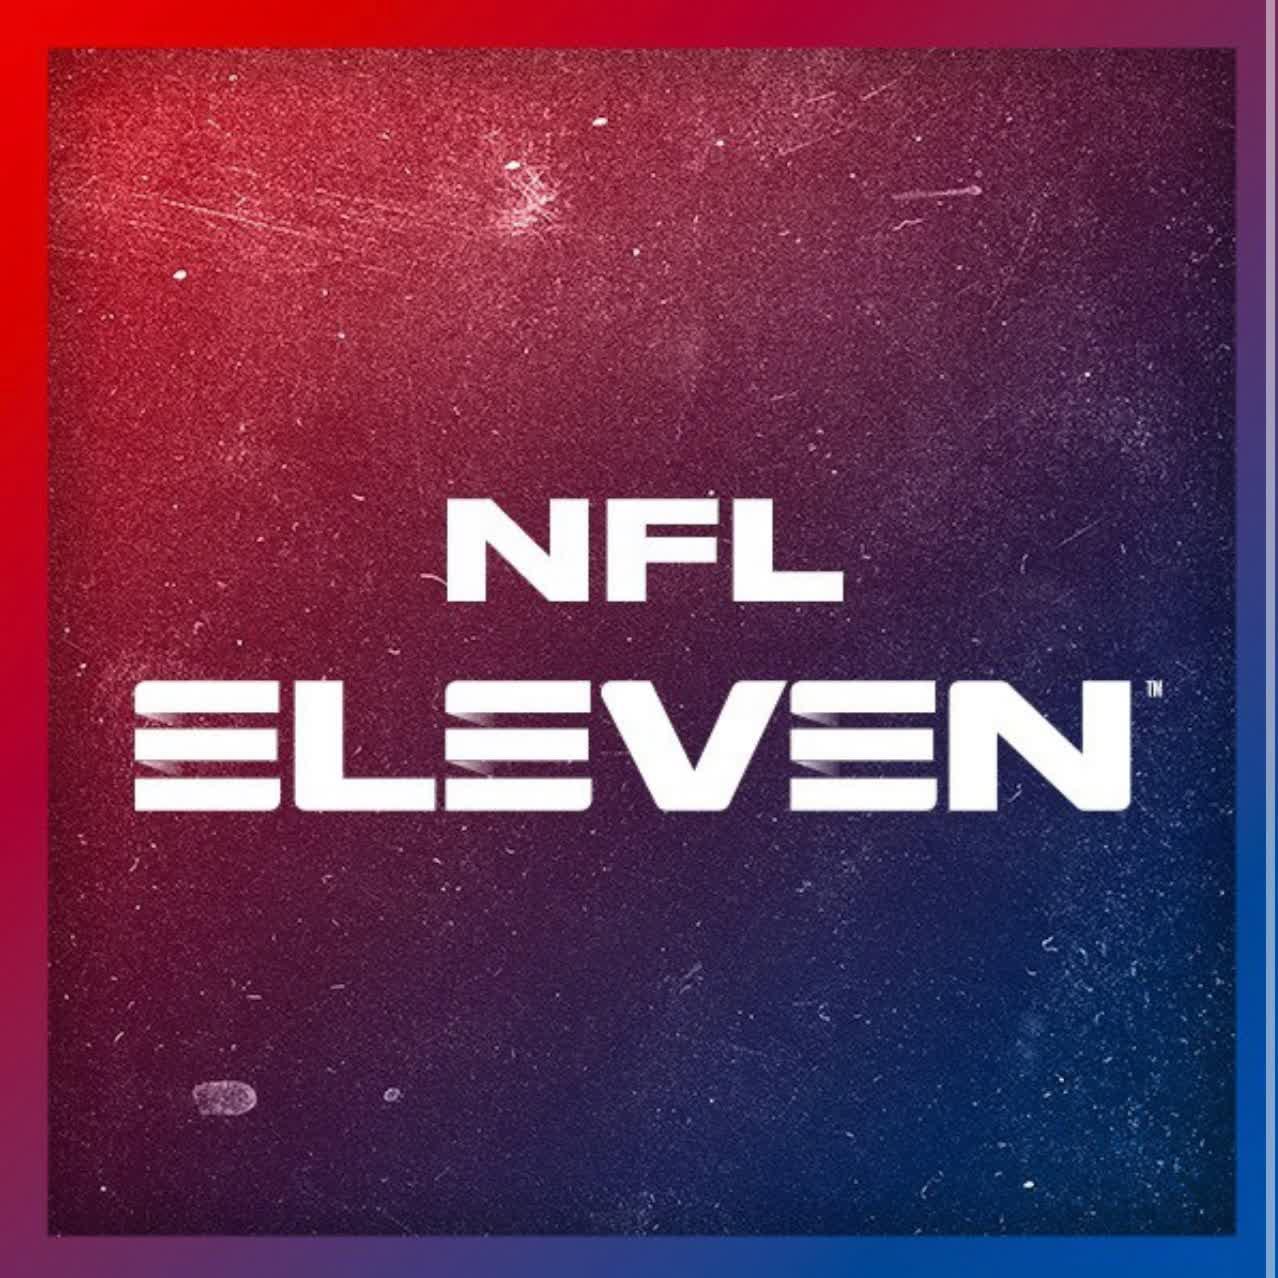 NFL ELEVEN - Despedimento de John Gruden: 13 pontos falhados